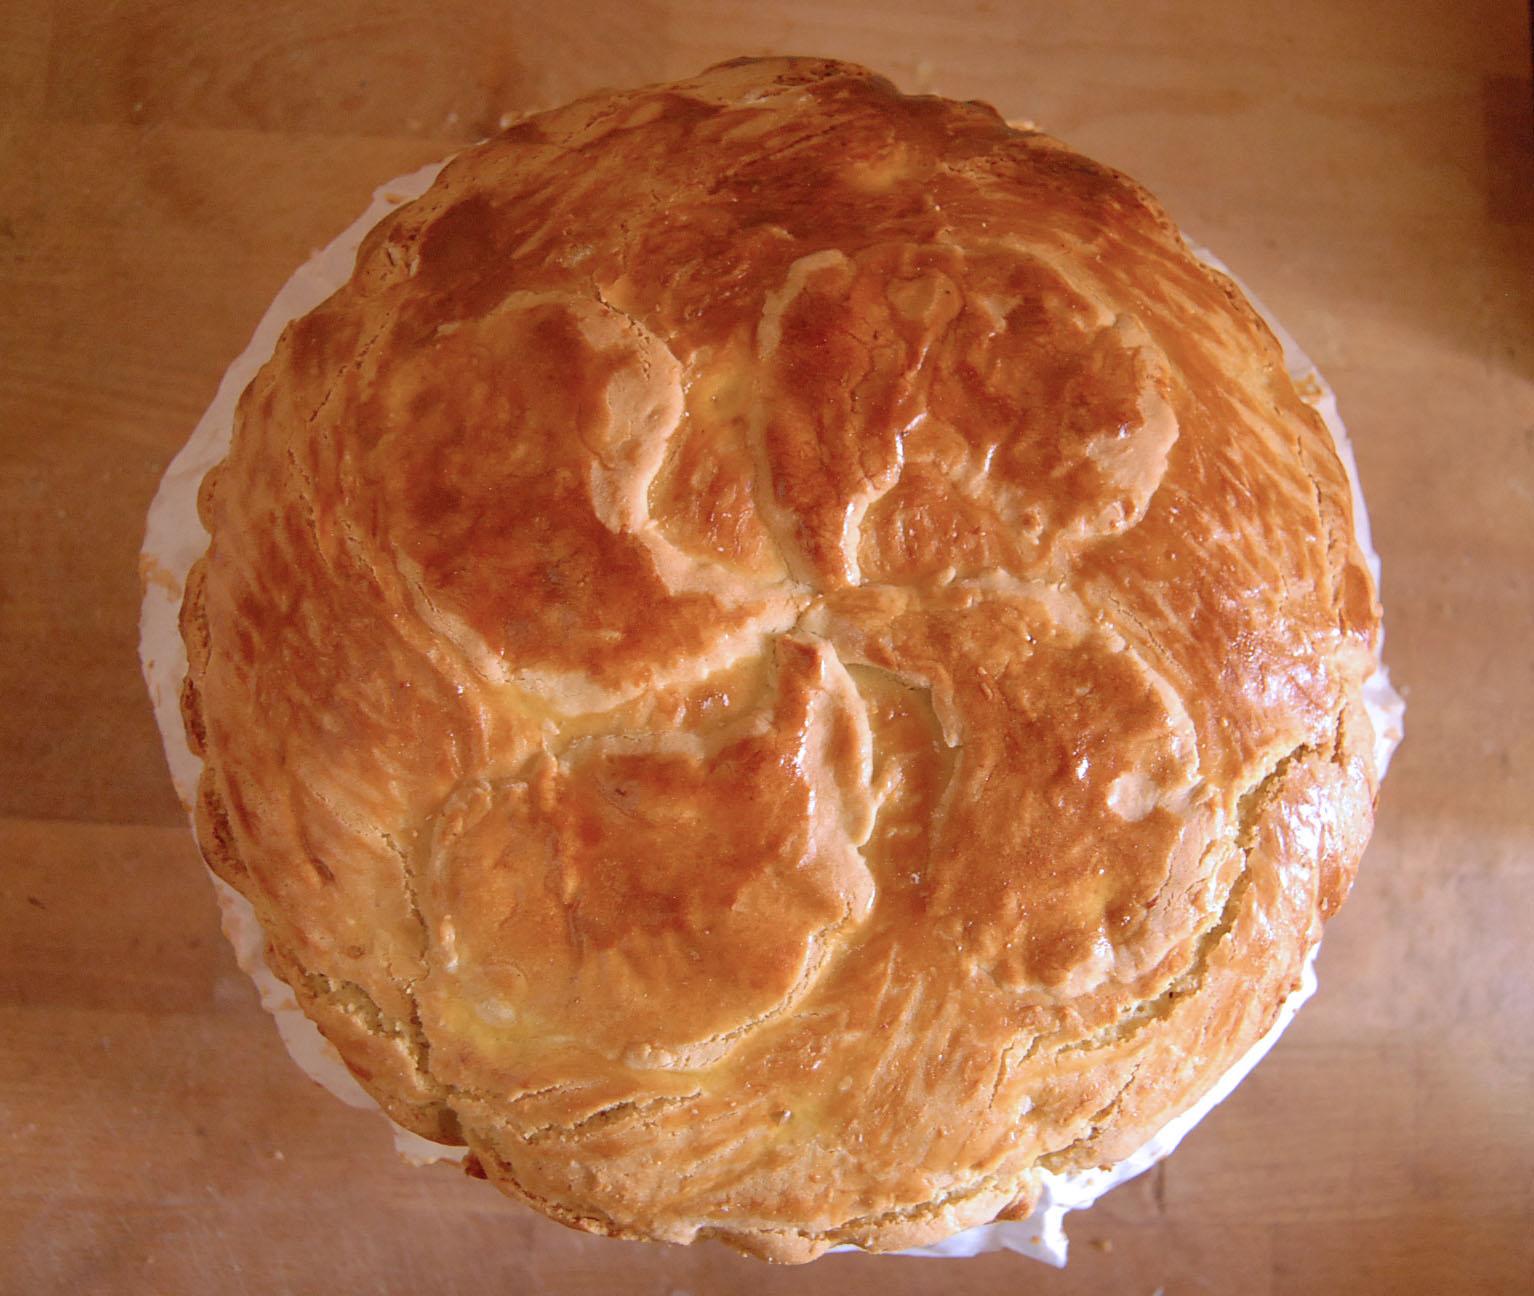 Aperçu du gateau basque après cuisson